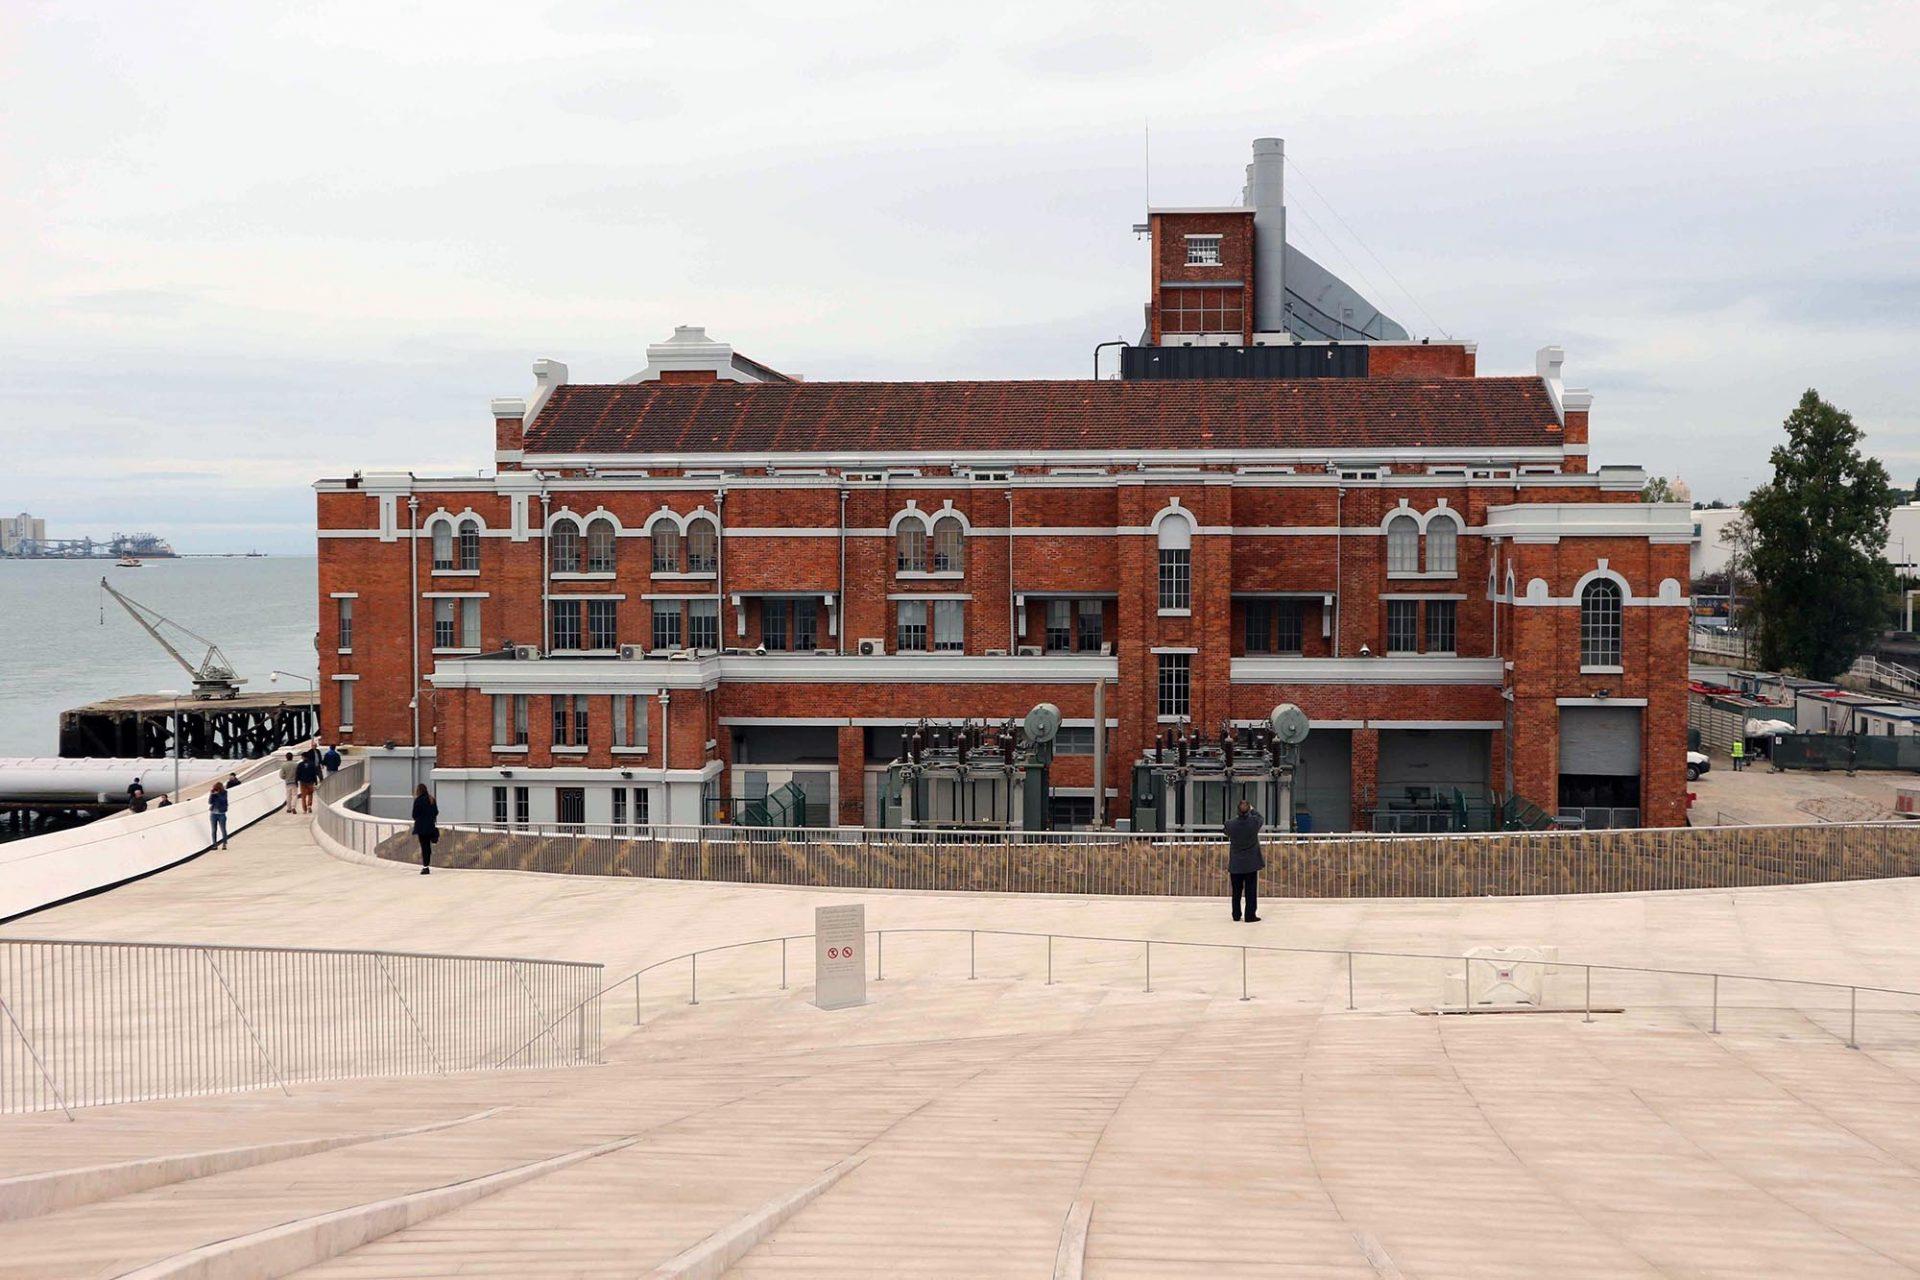 MAAT. Das Industriedenkmal wird seit 2006 als Kulturzentrum und Museum genutzt. Zusammen mit der neuen Kunsthalle bildet das Klinkergebäude den MAAT-Komplex.